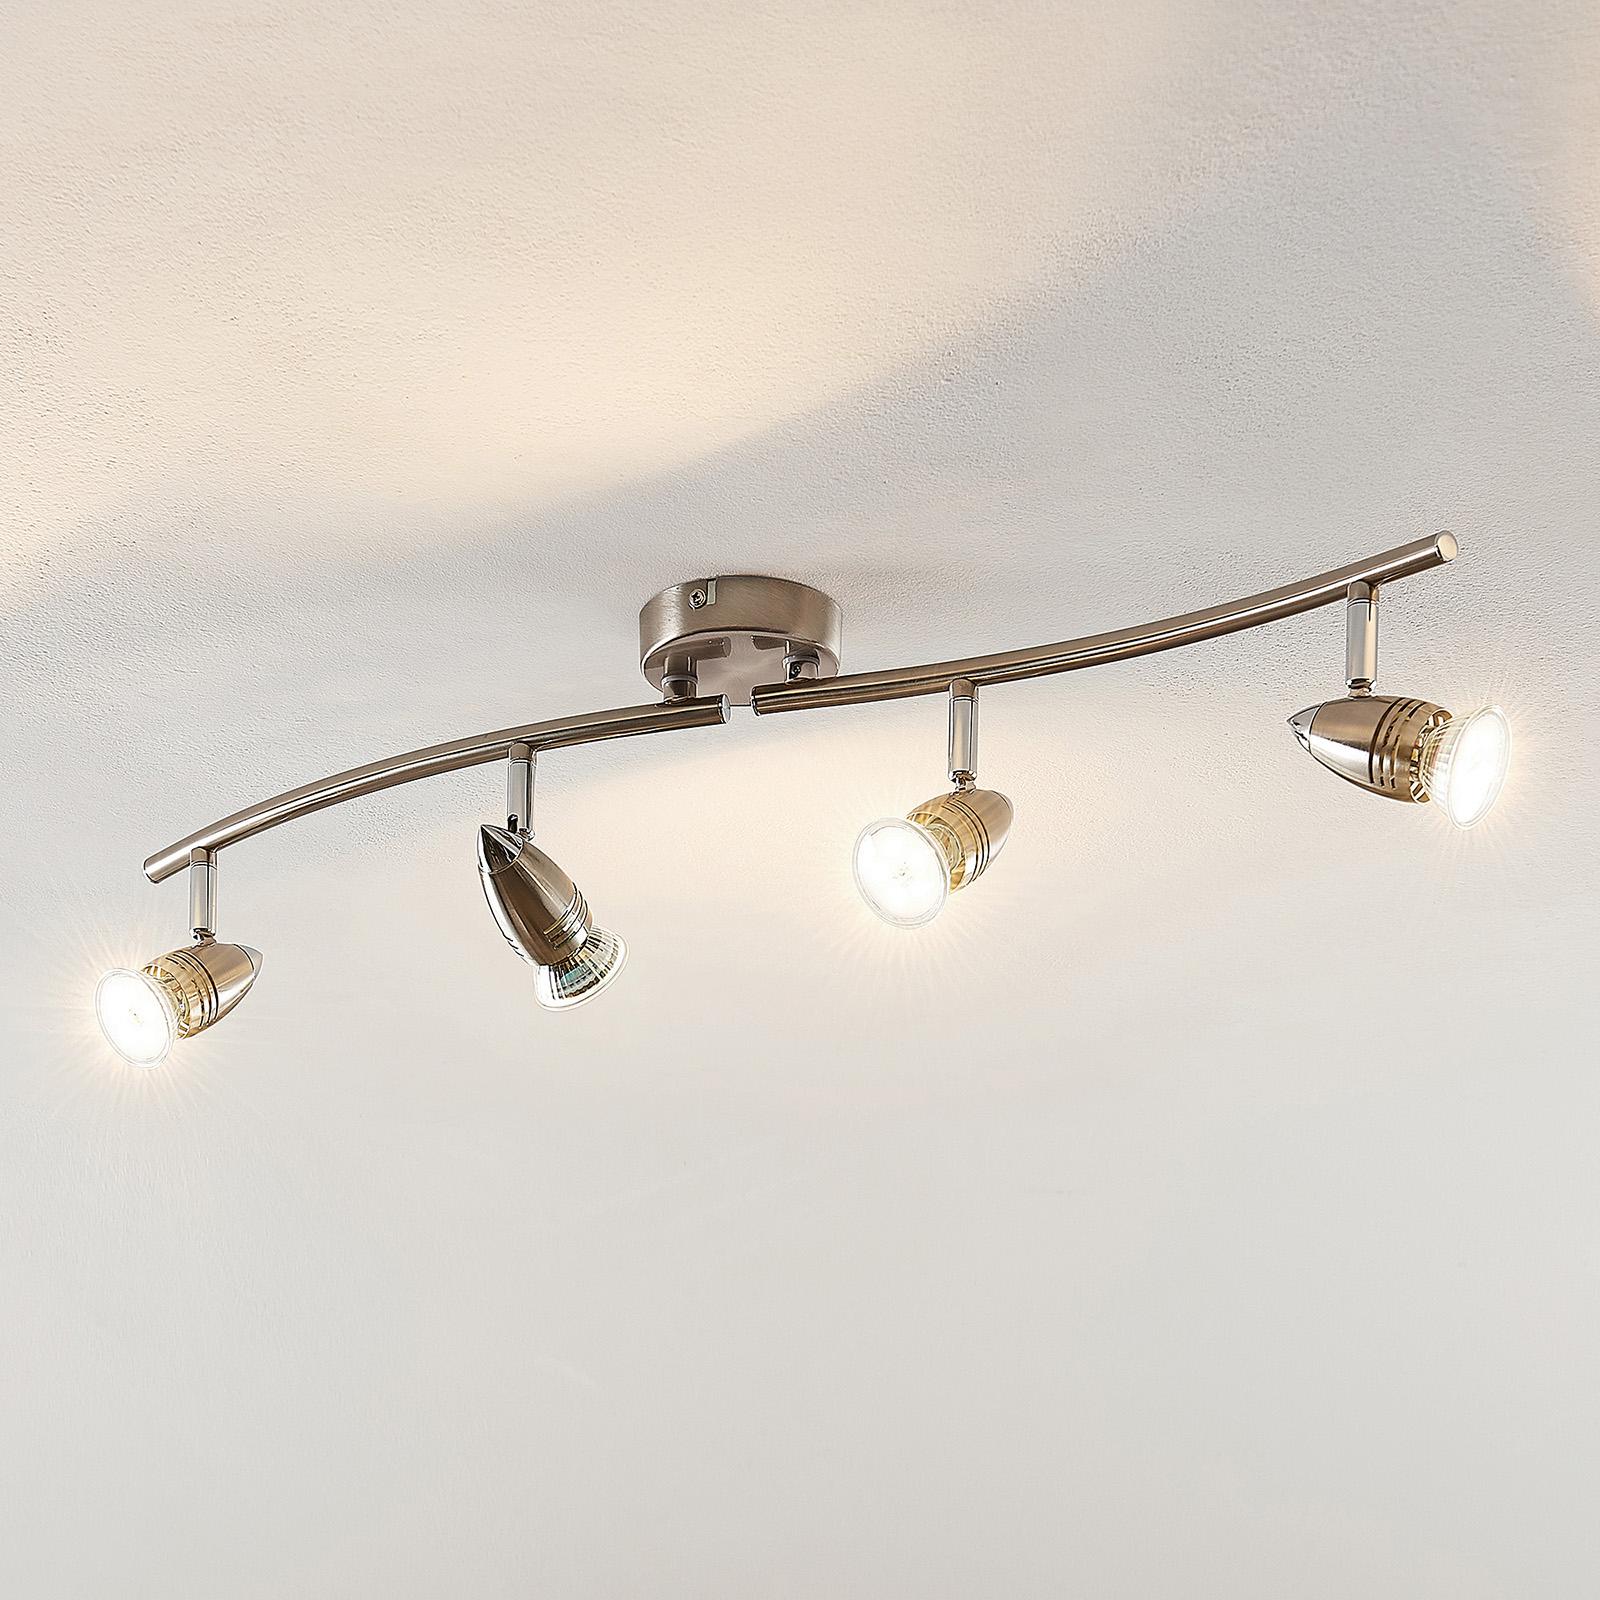 ELC Kalean LED-Deckenstrahler, nickel, 4-flammig